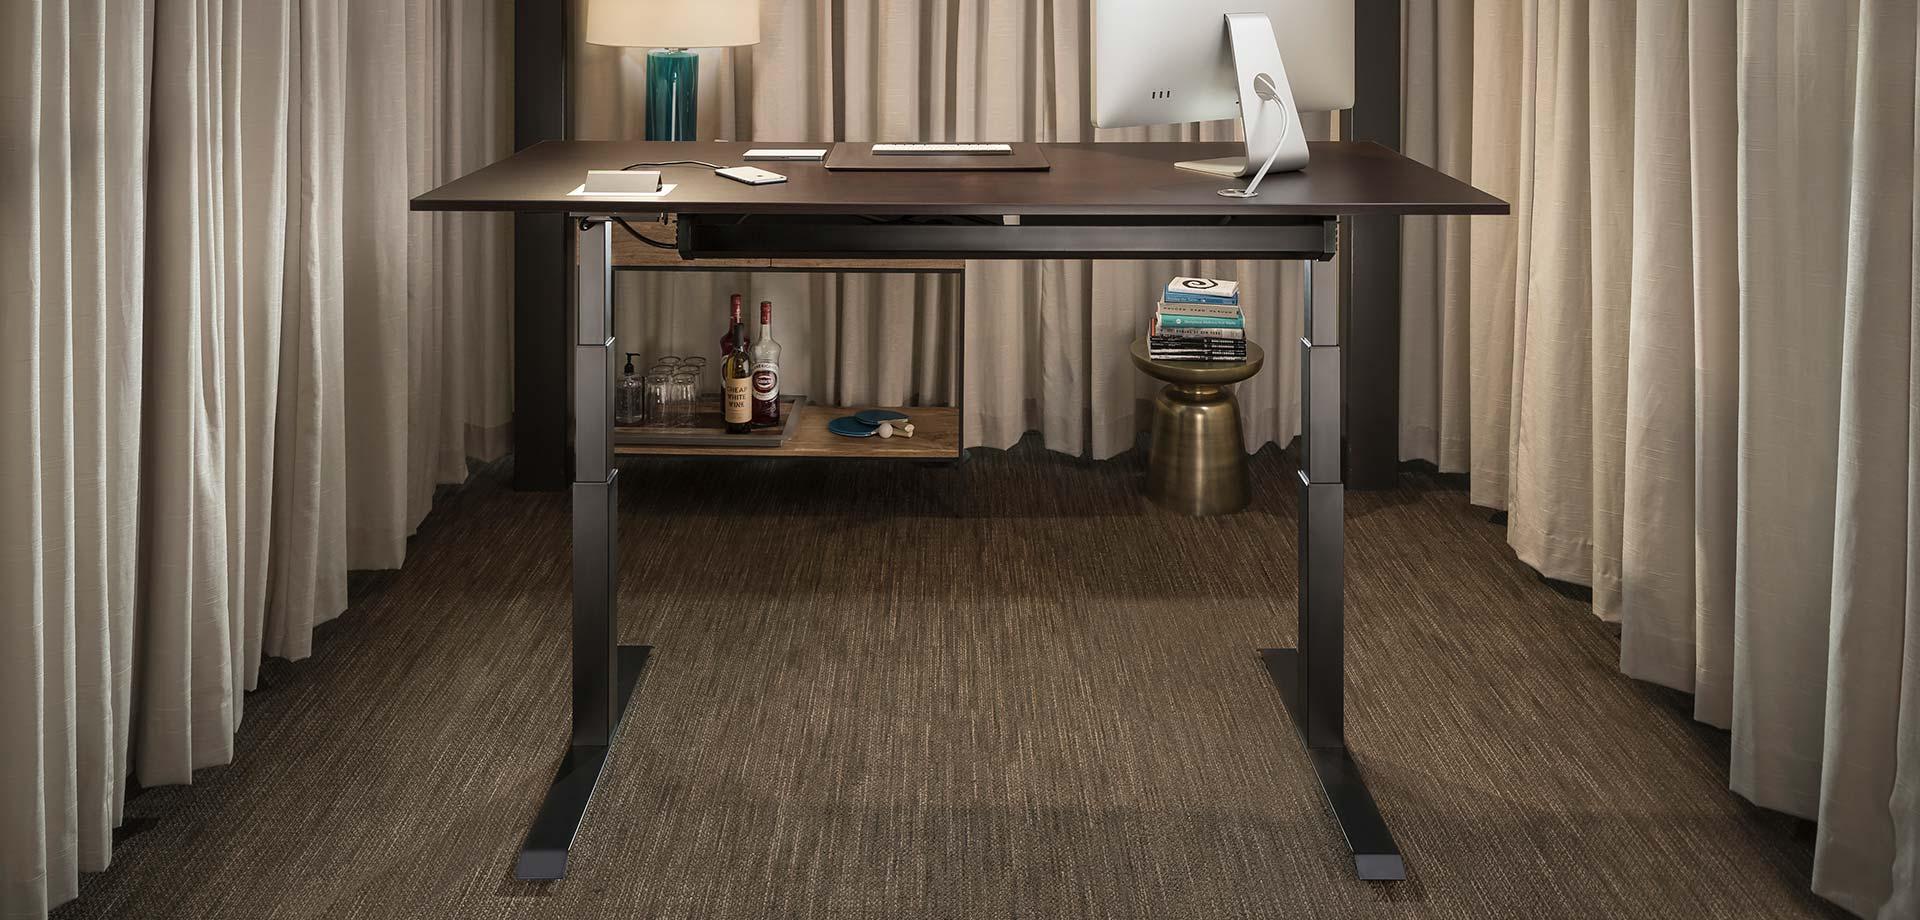 Standing Desk Gallery 21 MultiTable